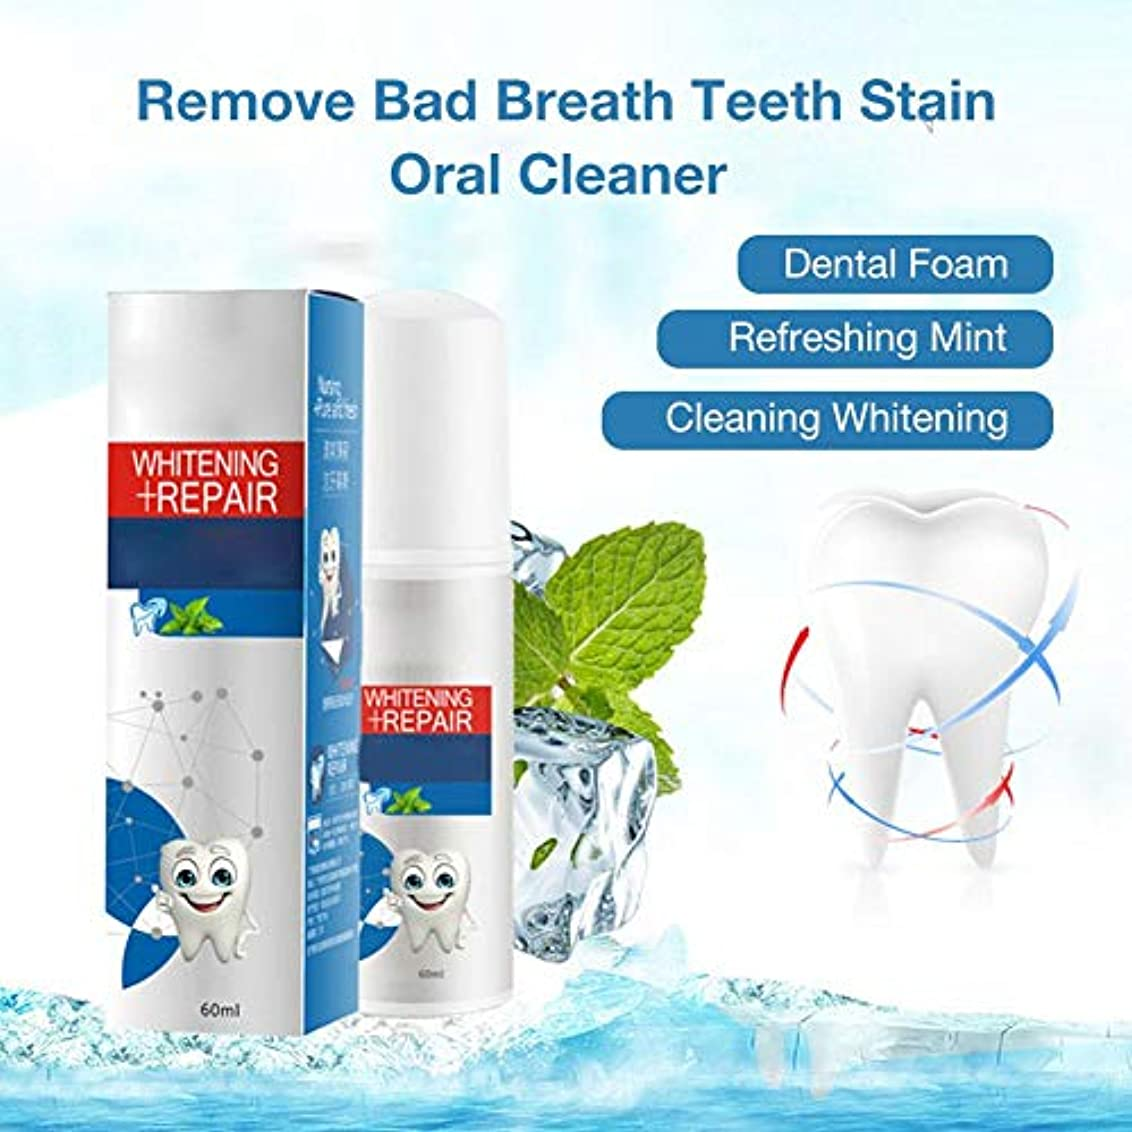 管理するベックス責める歯科用フォーム液体歯磨 クリアクリーン デンタル 洗口液 ホワイトニング マウスウォッシュ 口内洗浄液 低刺激 60ml 虫歯と戦うために